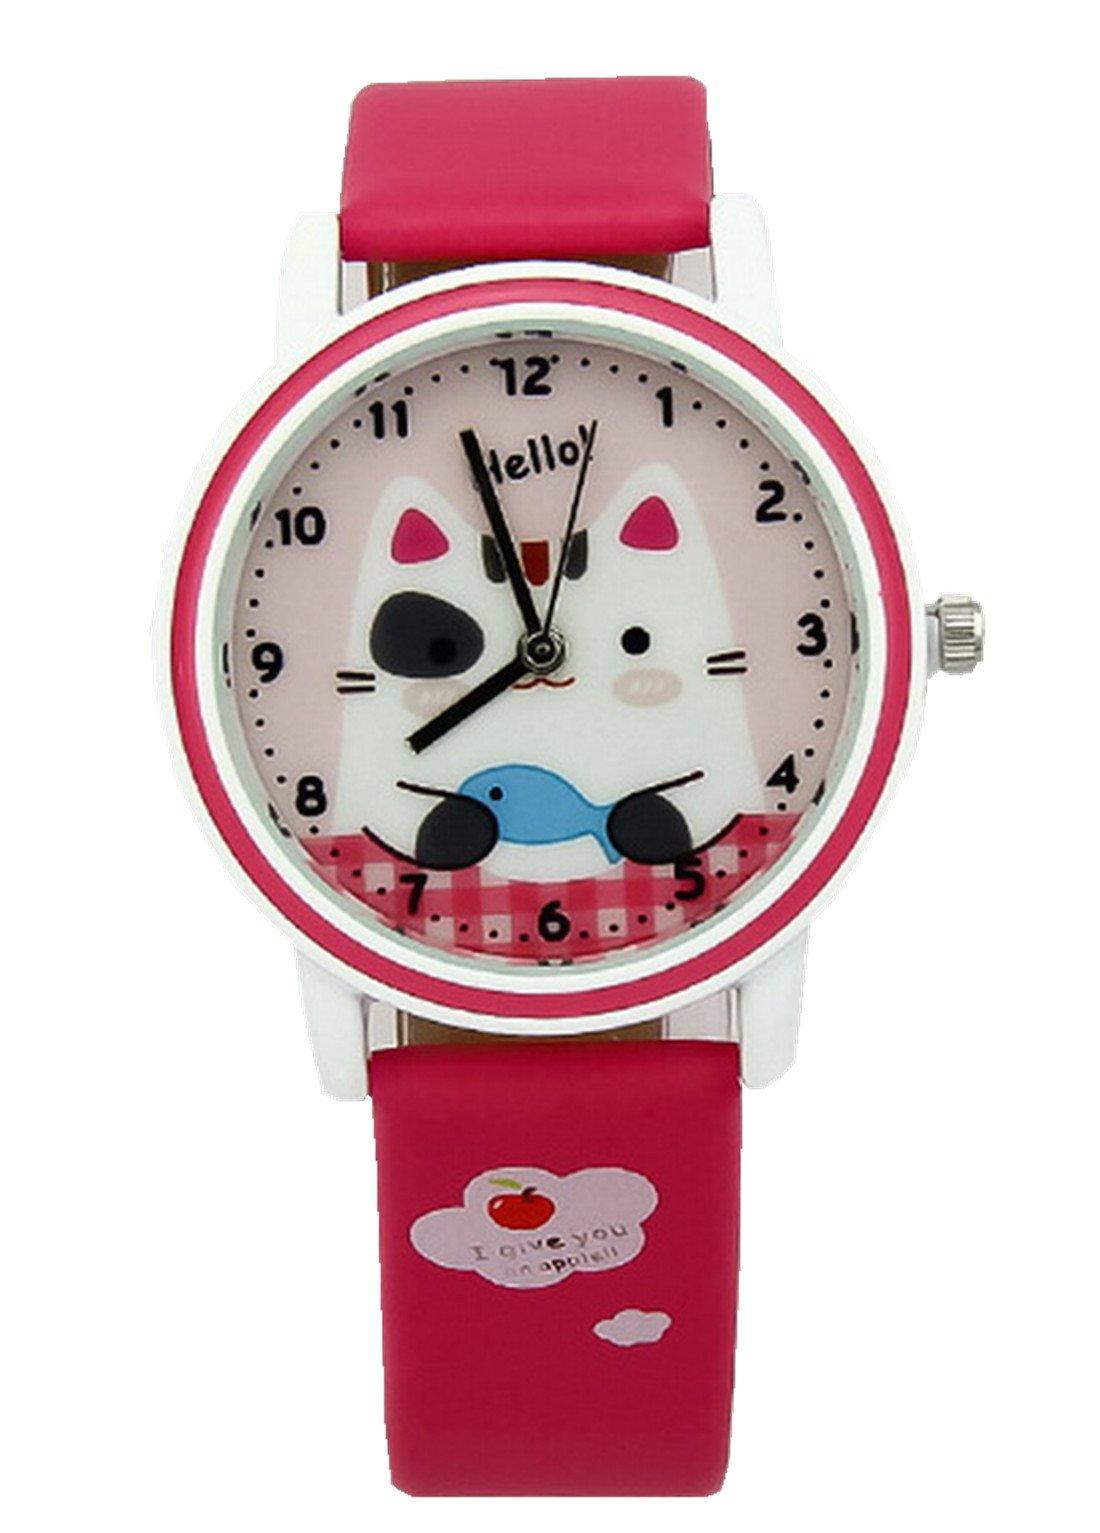 Kezzi Girls' Wrist Watches K667 Quartz Analog Cartoon Kids Leather Strap Watch Red by Kezzi